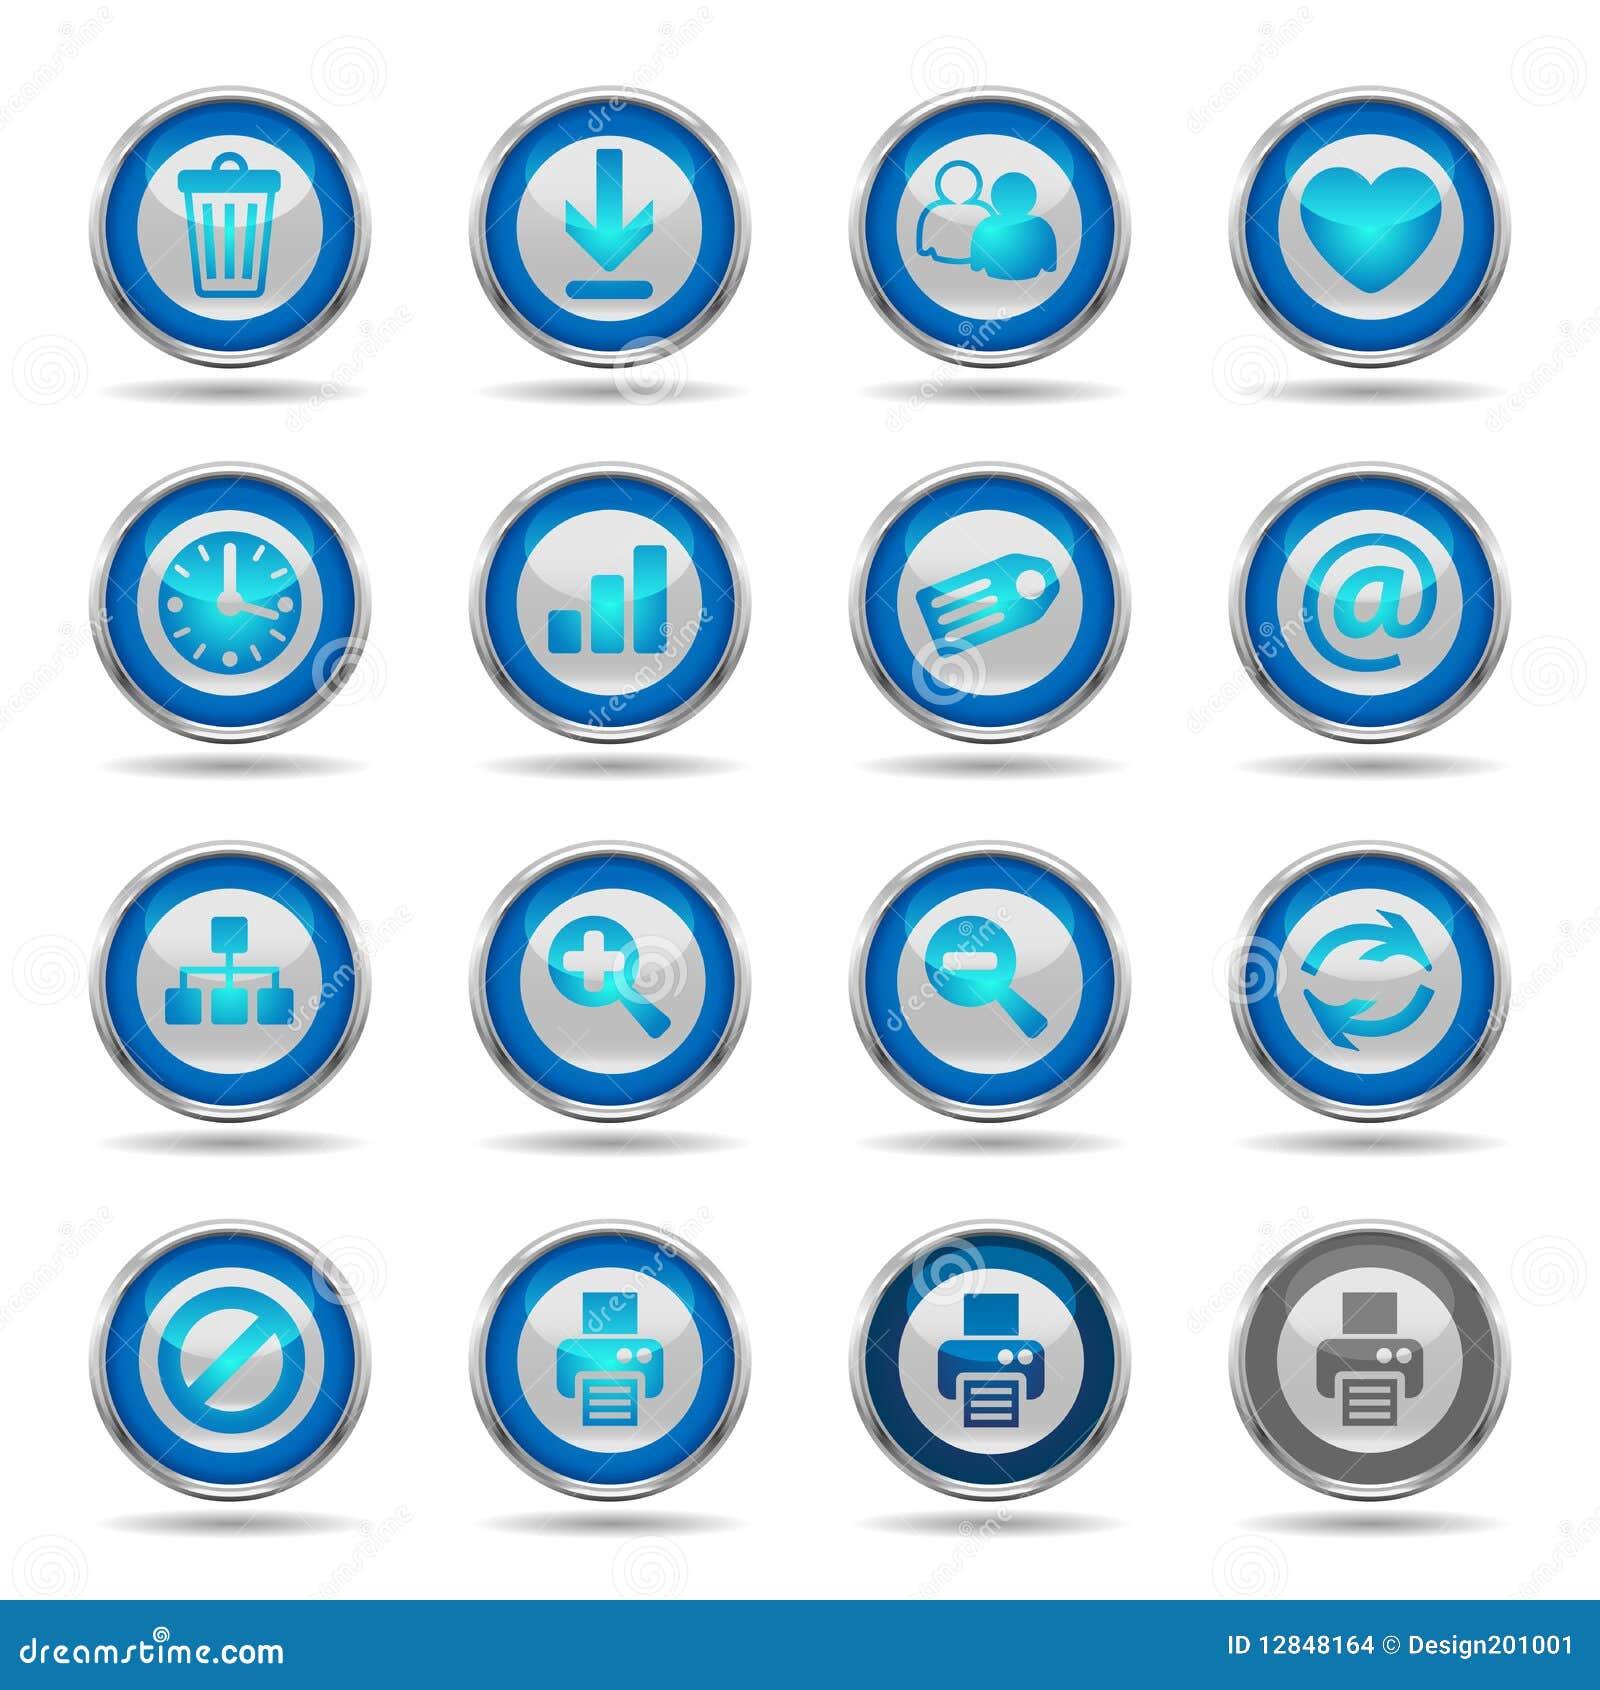 Shiny Blue Icons Set 2 - Web